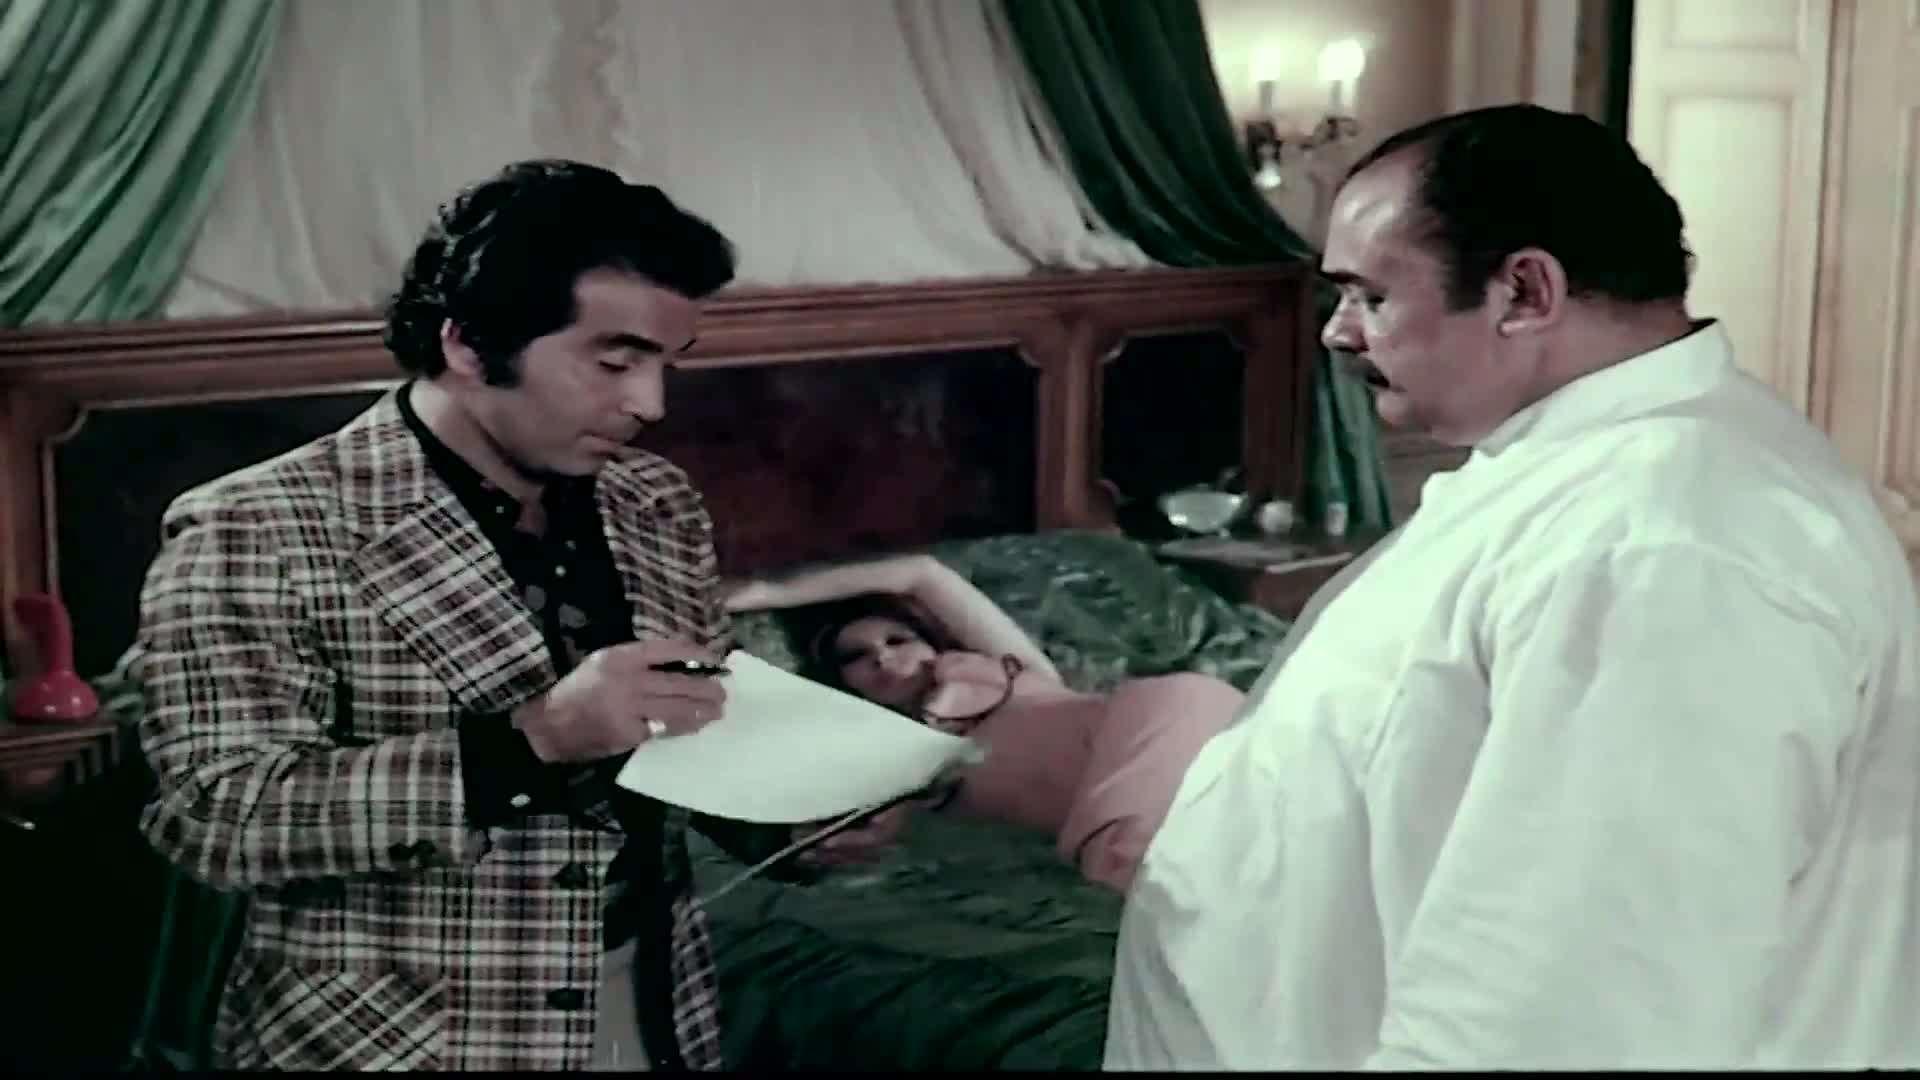 [فيلم][تورنت][تحميل][الجبان والحب][1975][1080p][Web-DL] 11 arabp2p.com